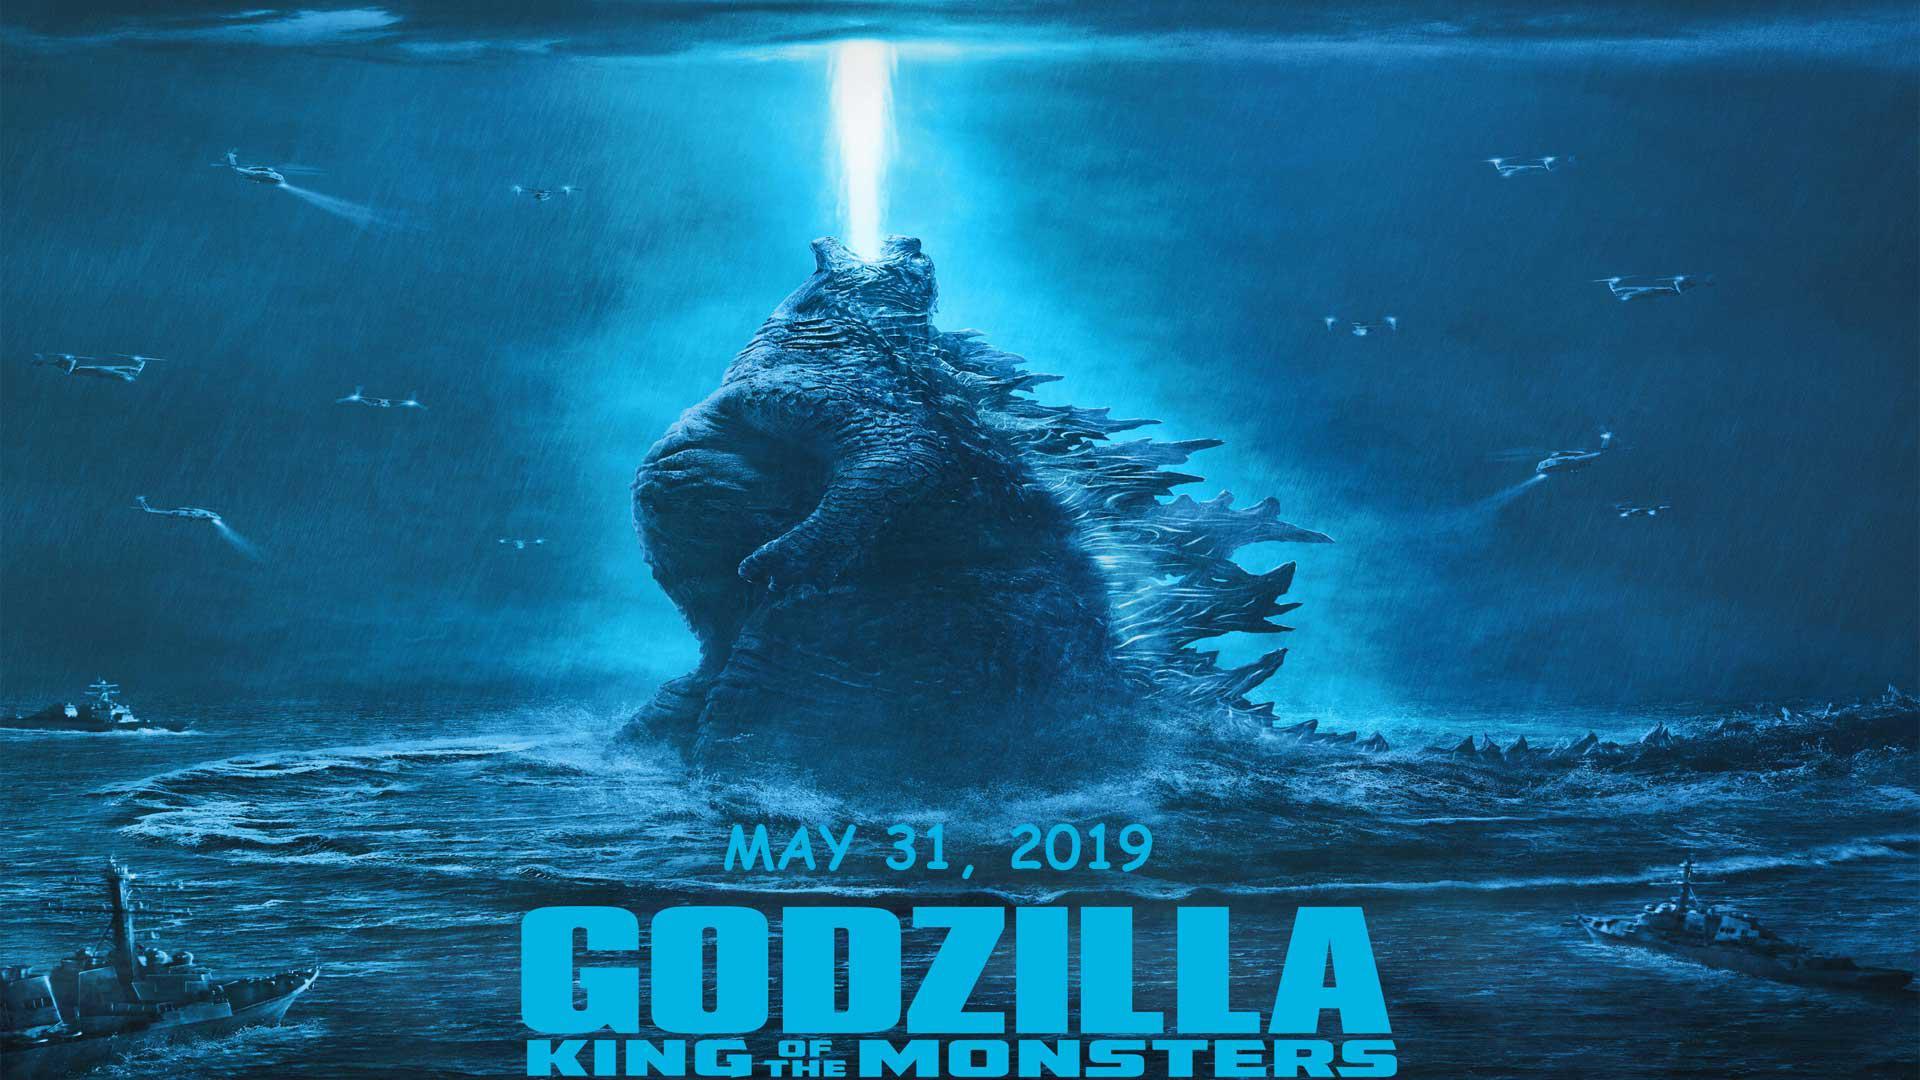 Godzilla 4k Wallpaper Posted By Michelle Peltier